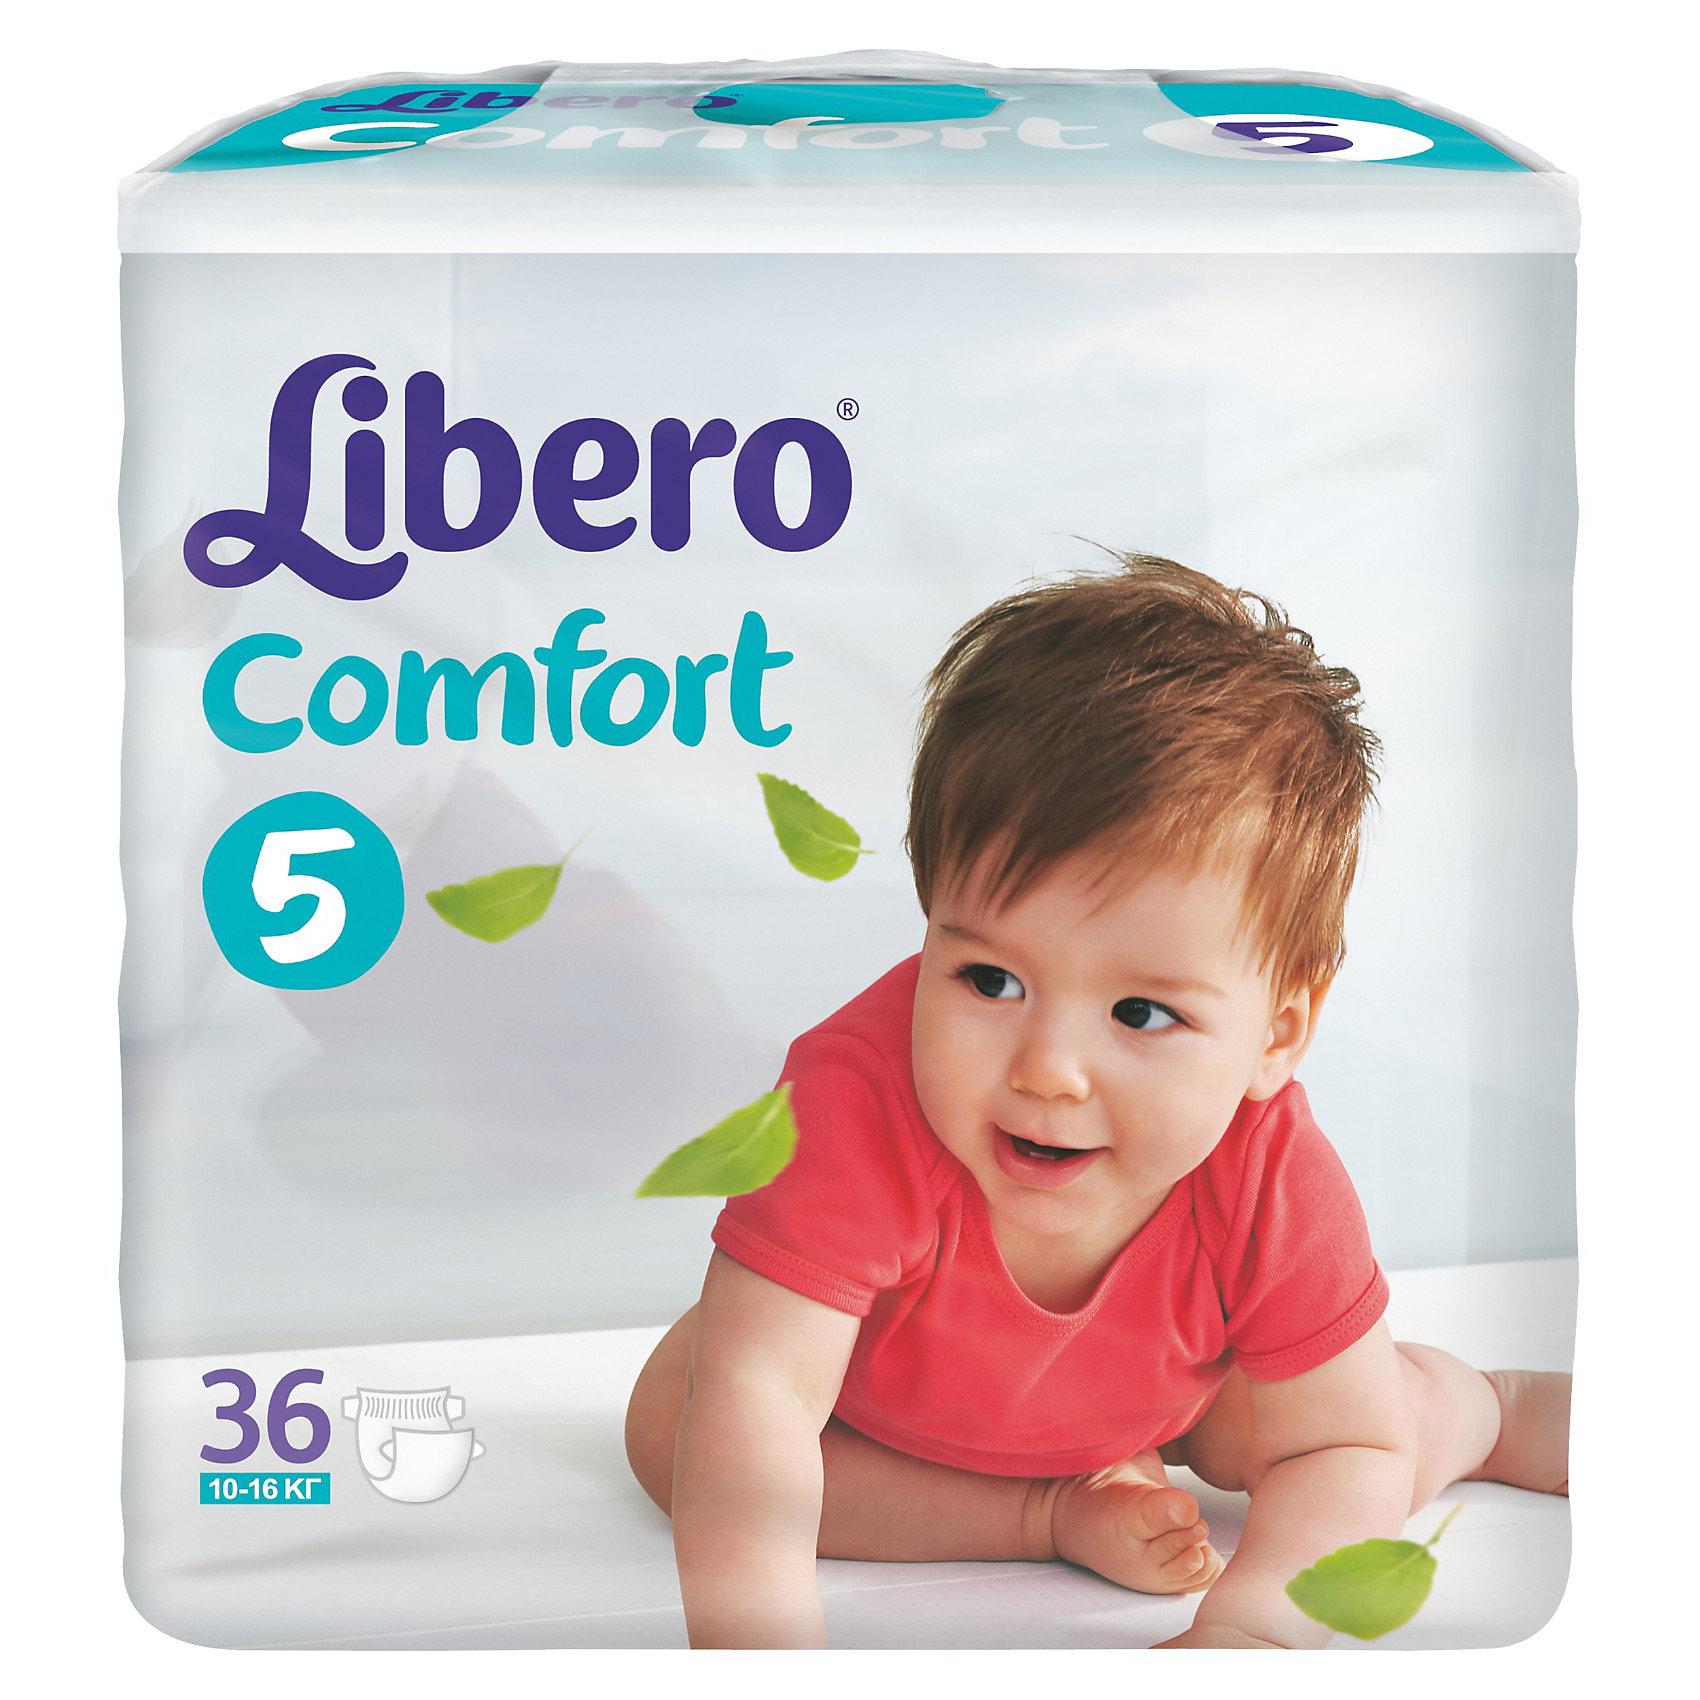 Подгузники Libero Comfort, Maxi Plus 10-16 кг (5), 36 шт.Подгузники классические<br>Ультратонкие и мягкие подгузники с плотным абсорбционным слоем Libero Comfort (Либеро Комфорт), изготовленные из натуральных материалов, предотвращают возникновение сыпи и зуда, а также сохраняют кожу сухой в течение 12 часов. Широкие тянущиеся боковинки и эластичный поясок обеспечивают комфортное прилегание и защищают от протеканий. Мягкие барьерчики анатомической формы вокруг ножек не натирают нежную кожу, а микроскопические отверстия обеспечивают циркуляцию воздуха, чтобы попка не сопрела. На поясе расположен цветной индикатор, который поможет подобрать памперс по размеру: в правильном положении застежки должны находиться по центру.<br><br>Дополнительная информация:<br><br>- Размер: 5, Maxi Plus 10-16 кг<br>- В упаковке: 36 шт.<br><br>Подгузники Libero Comfort (Либеро Комфорт), Maxi Plus 10-16 кг (5), 36 шт. можно купить в нашем интернет-магазине.<br><br>Ширина мм: 127<br>Глубина мм: 240<br>Высота мм: 218<br>Вес г: 1316<br>Возраст от месяцев: 6<br>Возраст до месяцев: 36<br>Пол: Унисекс<br>Возраст: Детский<br>SKU: 3517617